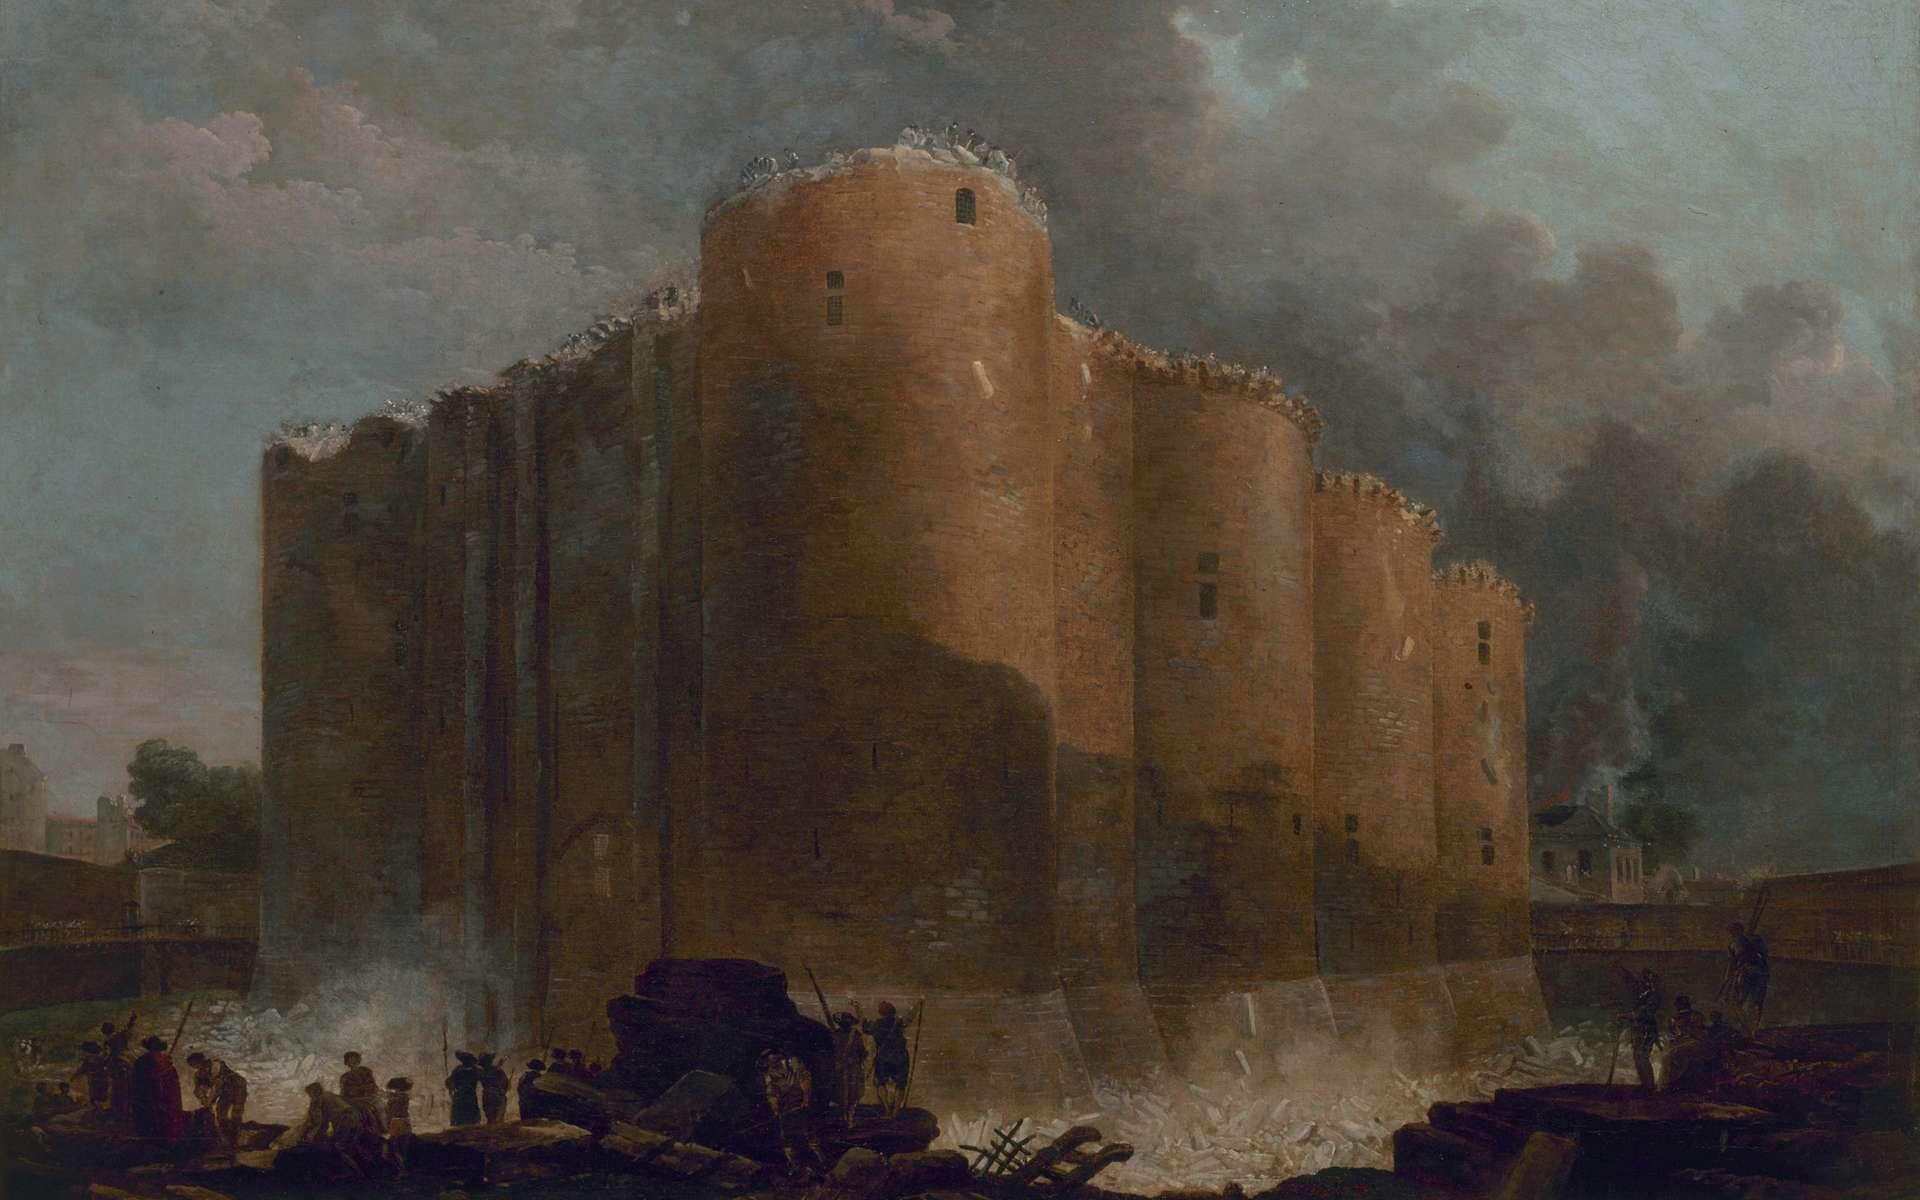 La Bastille dans les premiers jours de sa démolition, par Hubert Robert, le 20 juillet 1789. Musée Carnavalet, Paris. © Wikimedia Commons, domaine public.